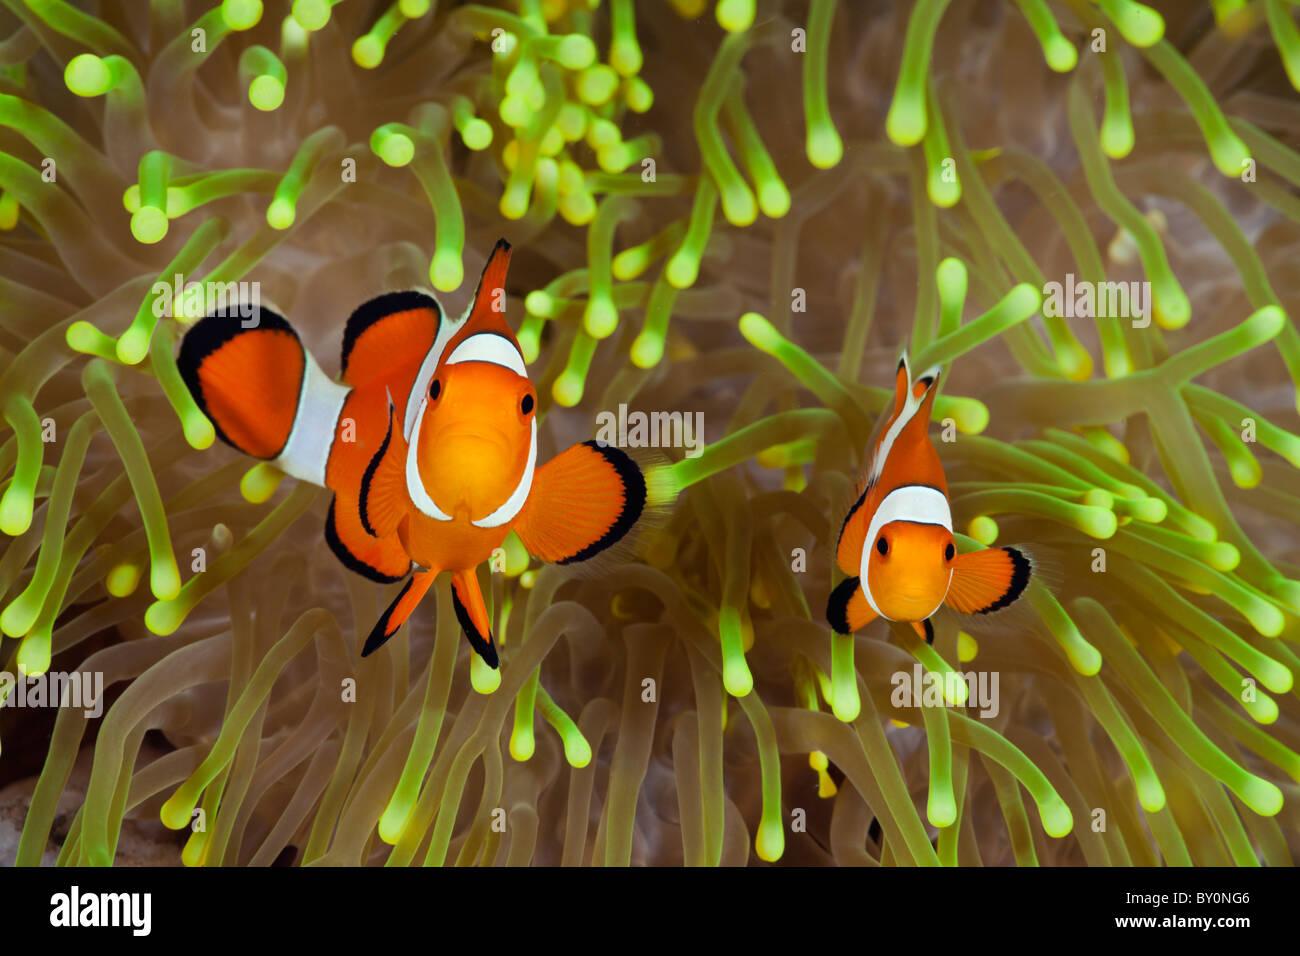 Clown Anemonefish, Amphiprion percula, Alam Batu, Bali, Indonesia - Stock Image